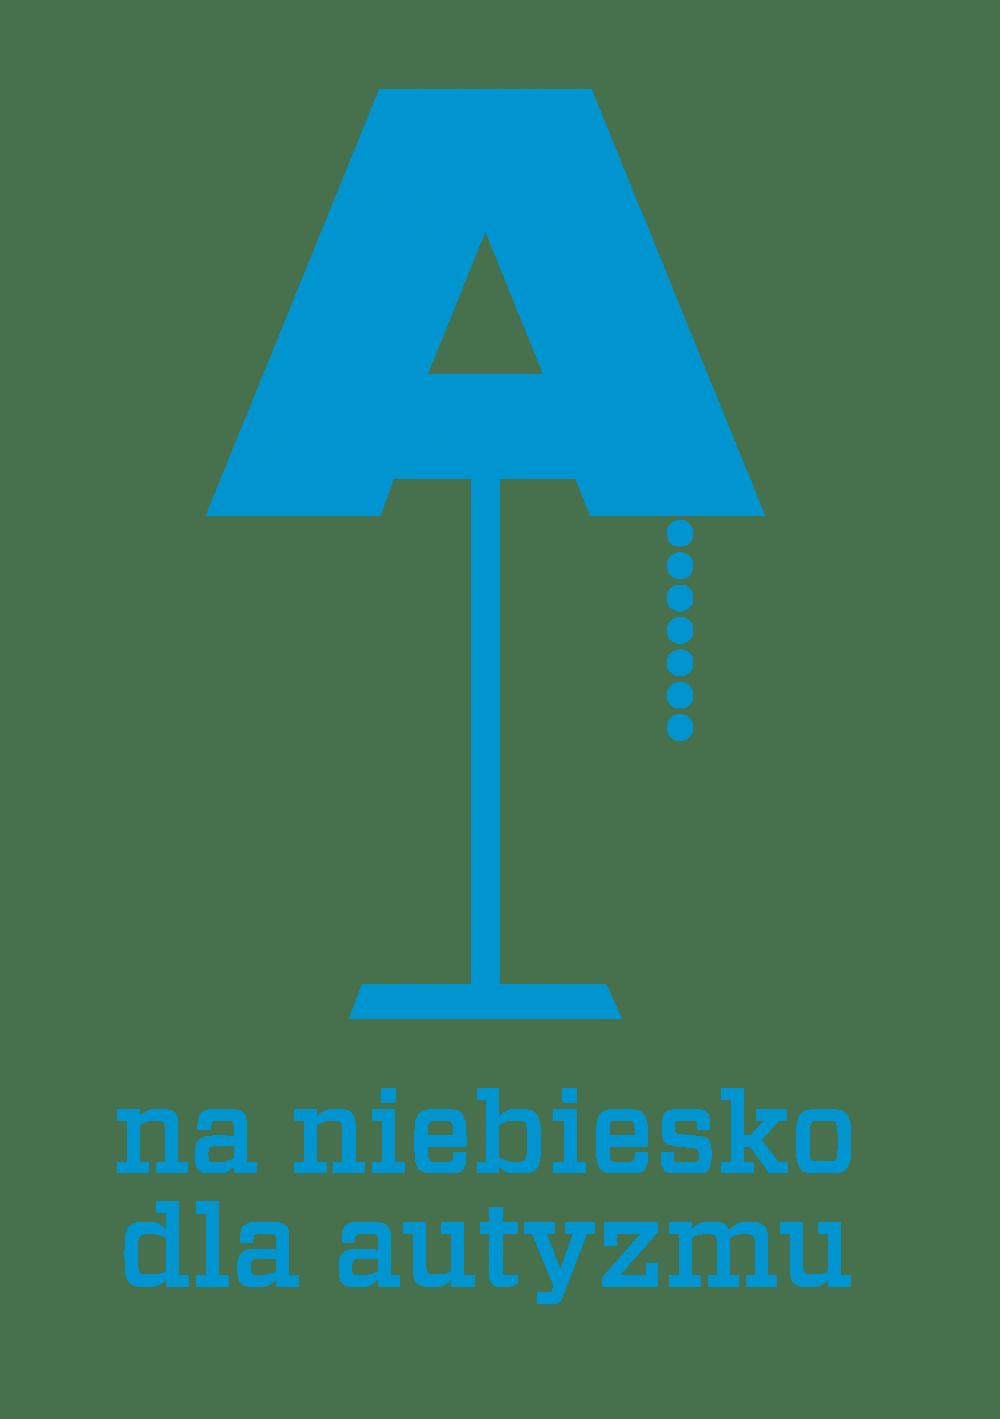 logo-na-niebiesko-dla-autyzmu